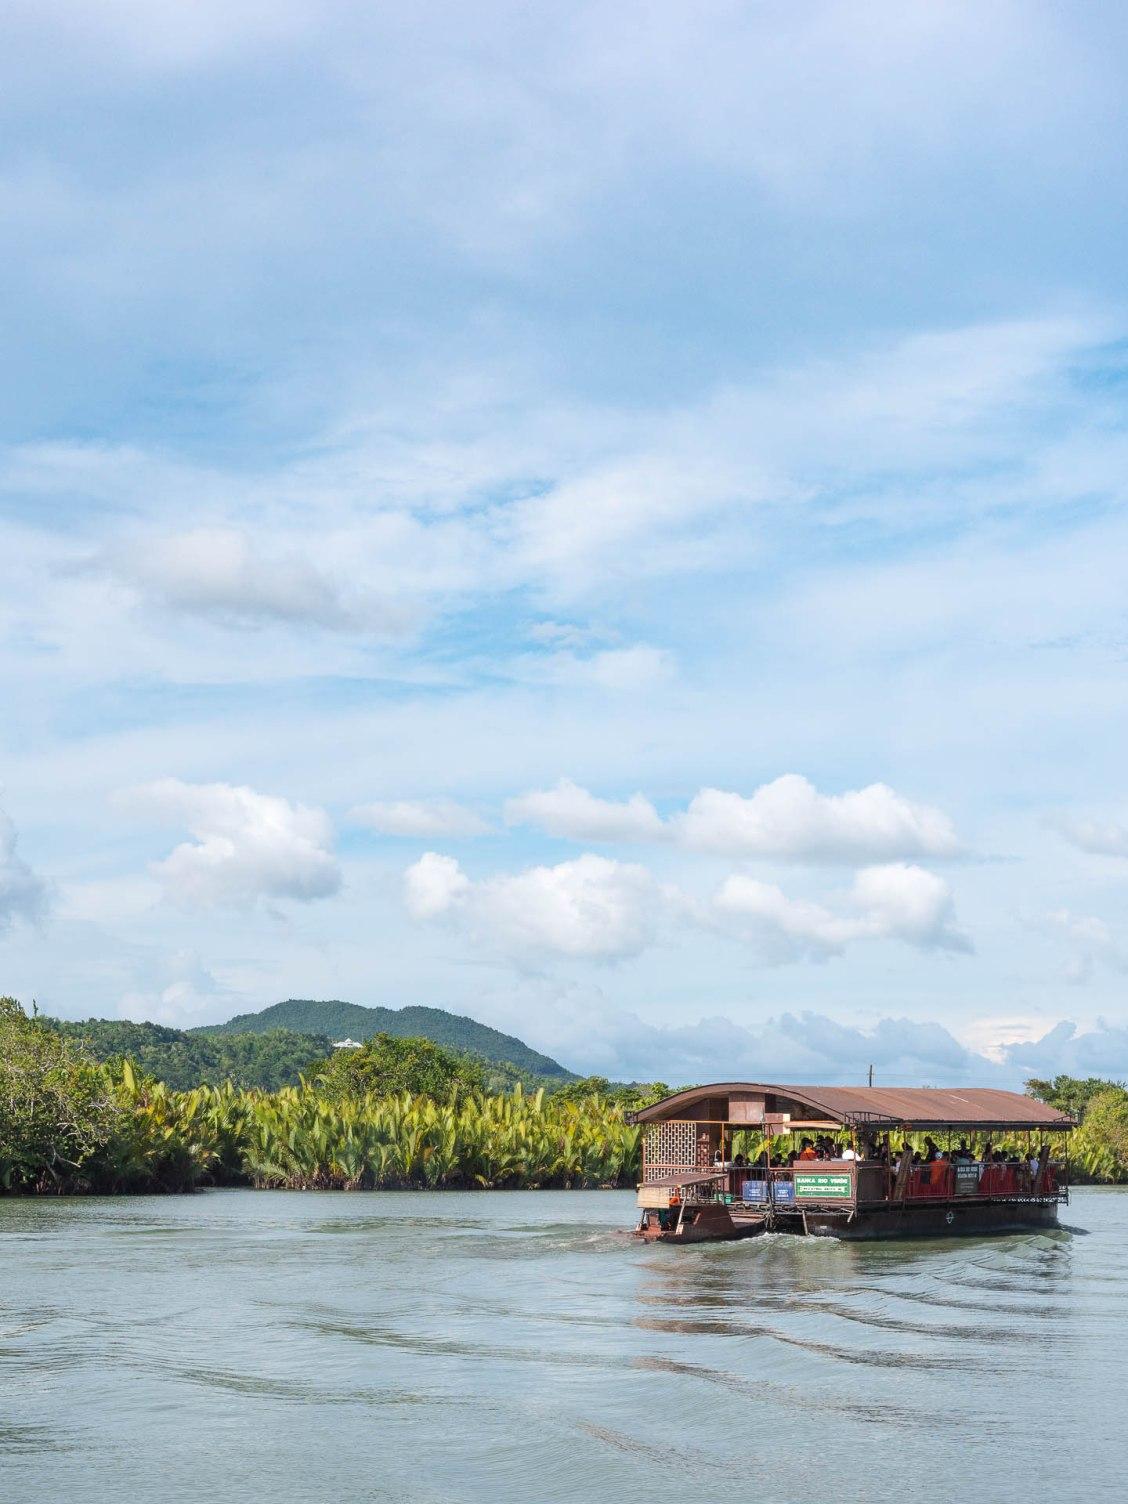 rivière loboc bohol philippines